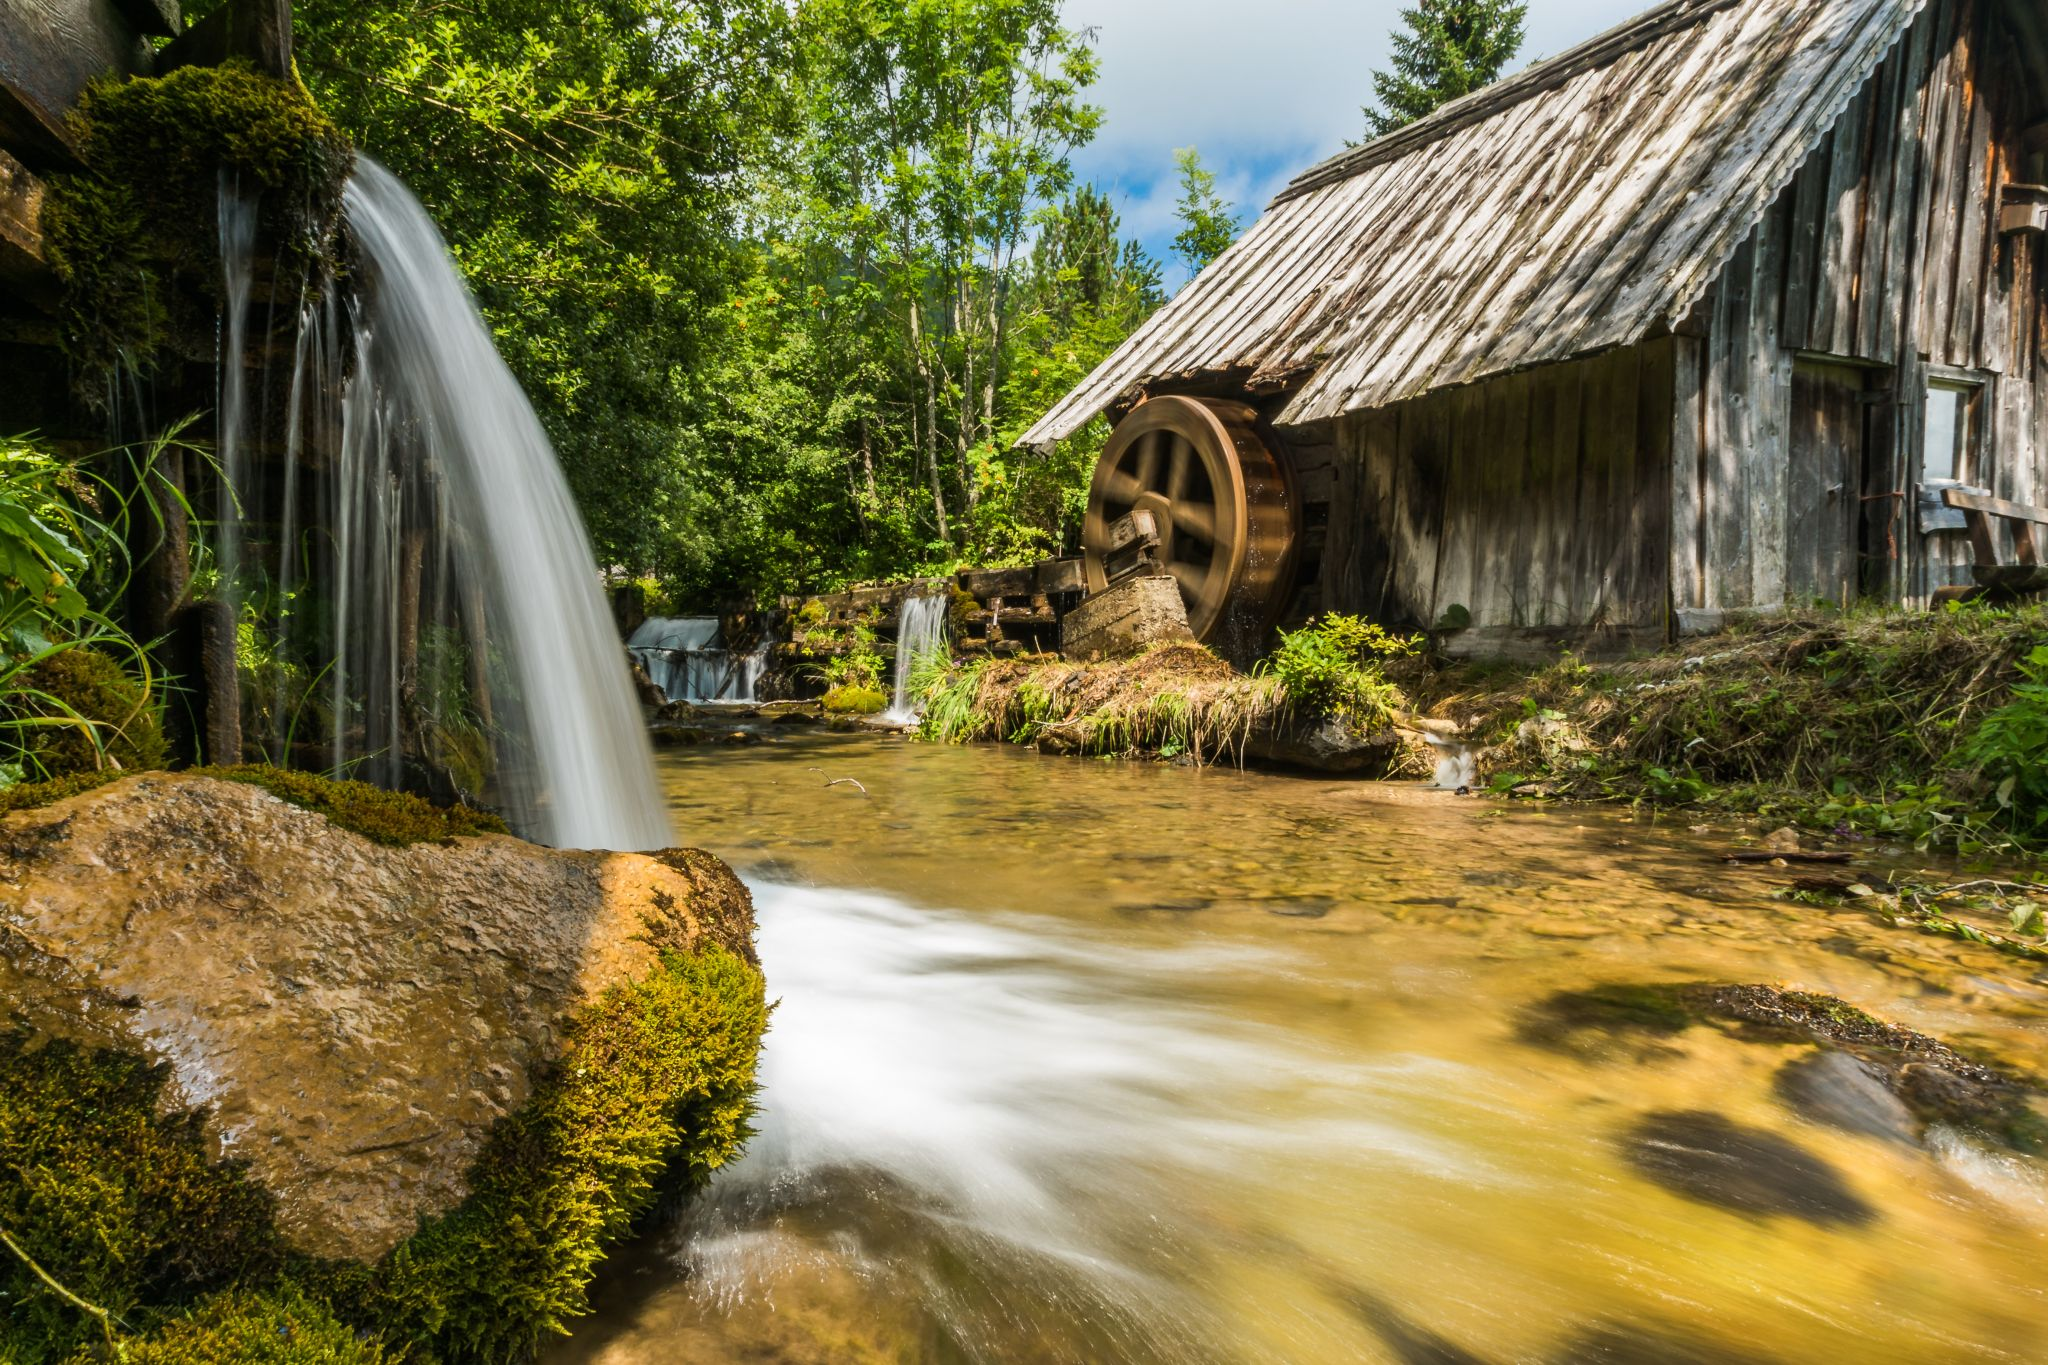 Mühle, Austria